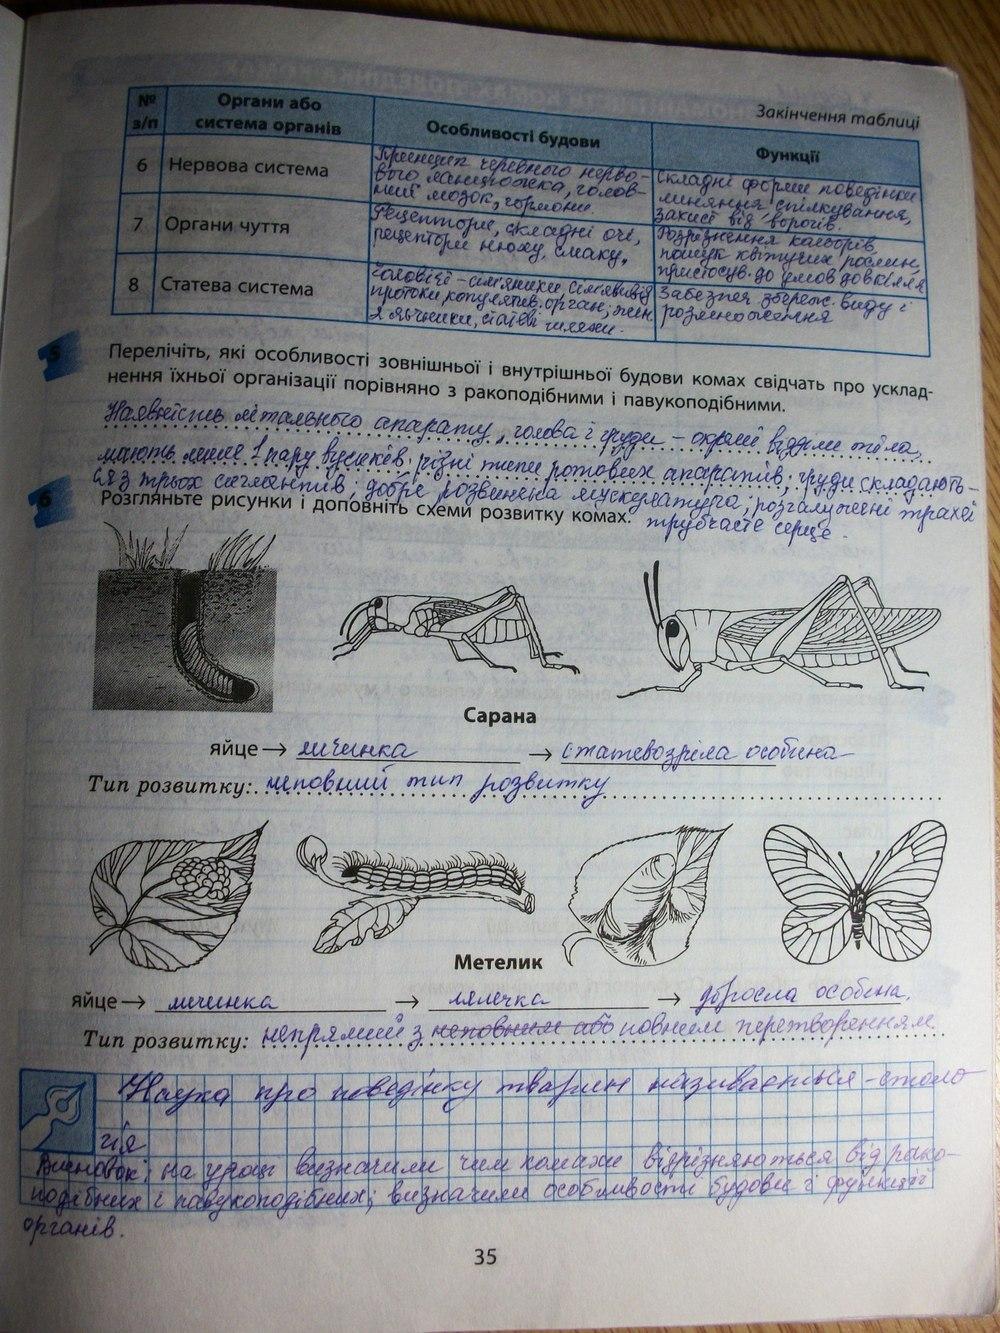 Гдз по тетрадки биологии 8 класс